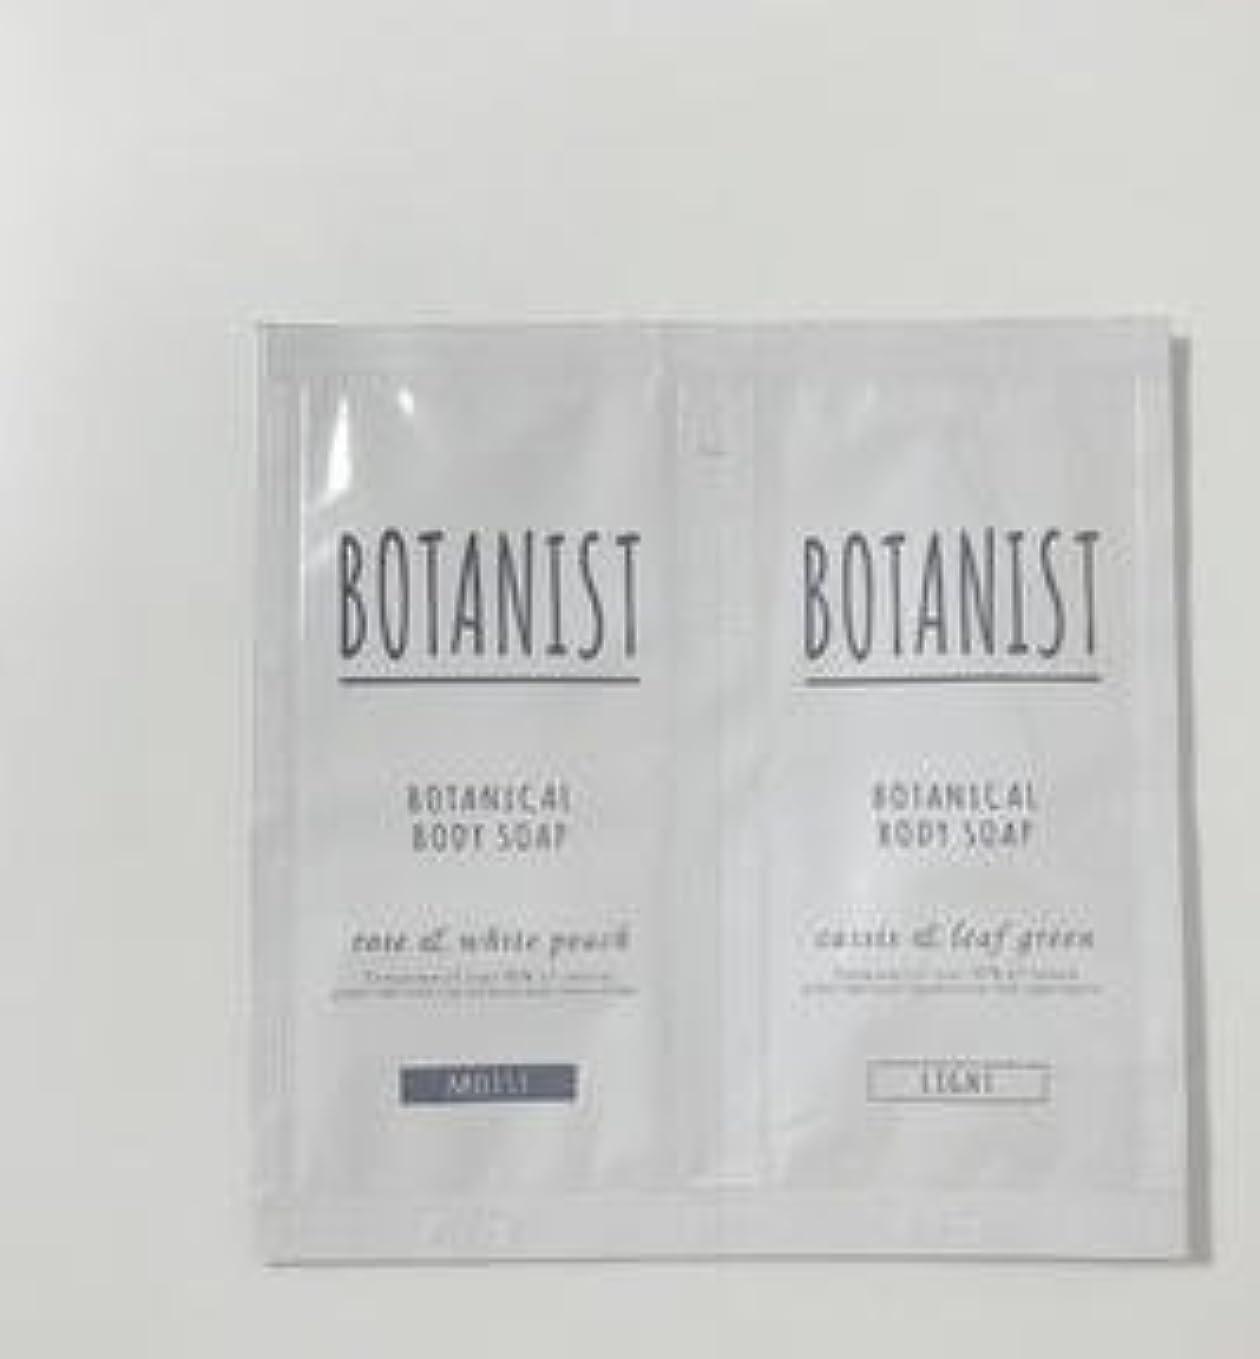 未知の明らか分析BOTANIST ボタニカル ボディーソープ ライト&モイスト トライアルセット 8ml×2 (ライト&モイスト, 1個)